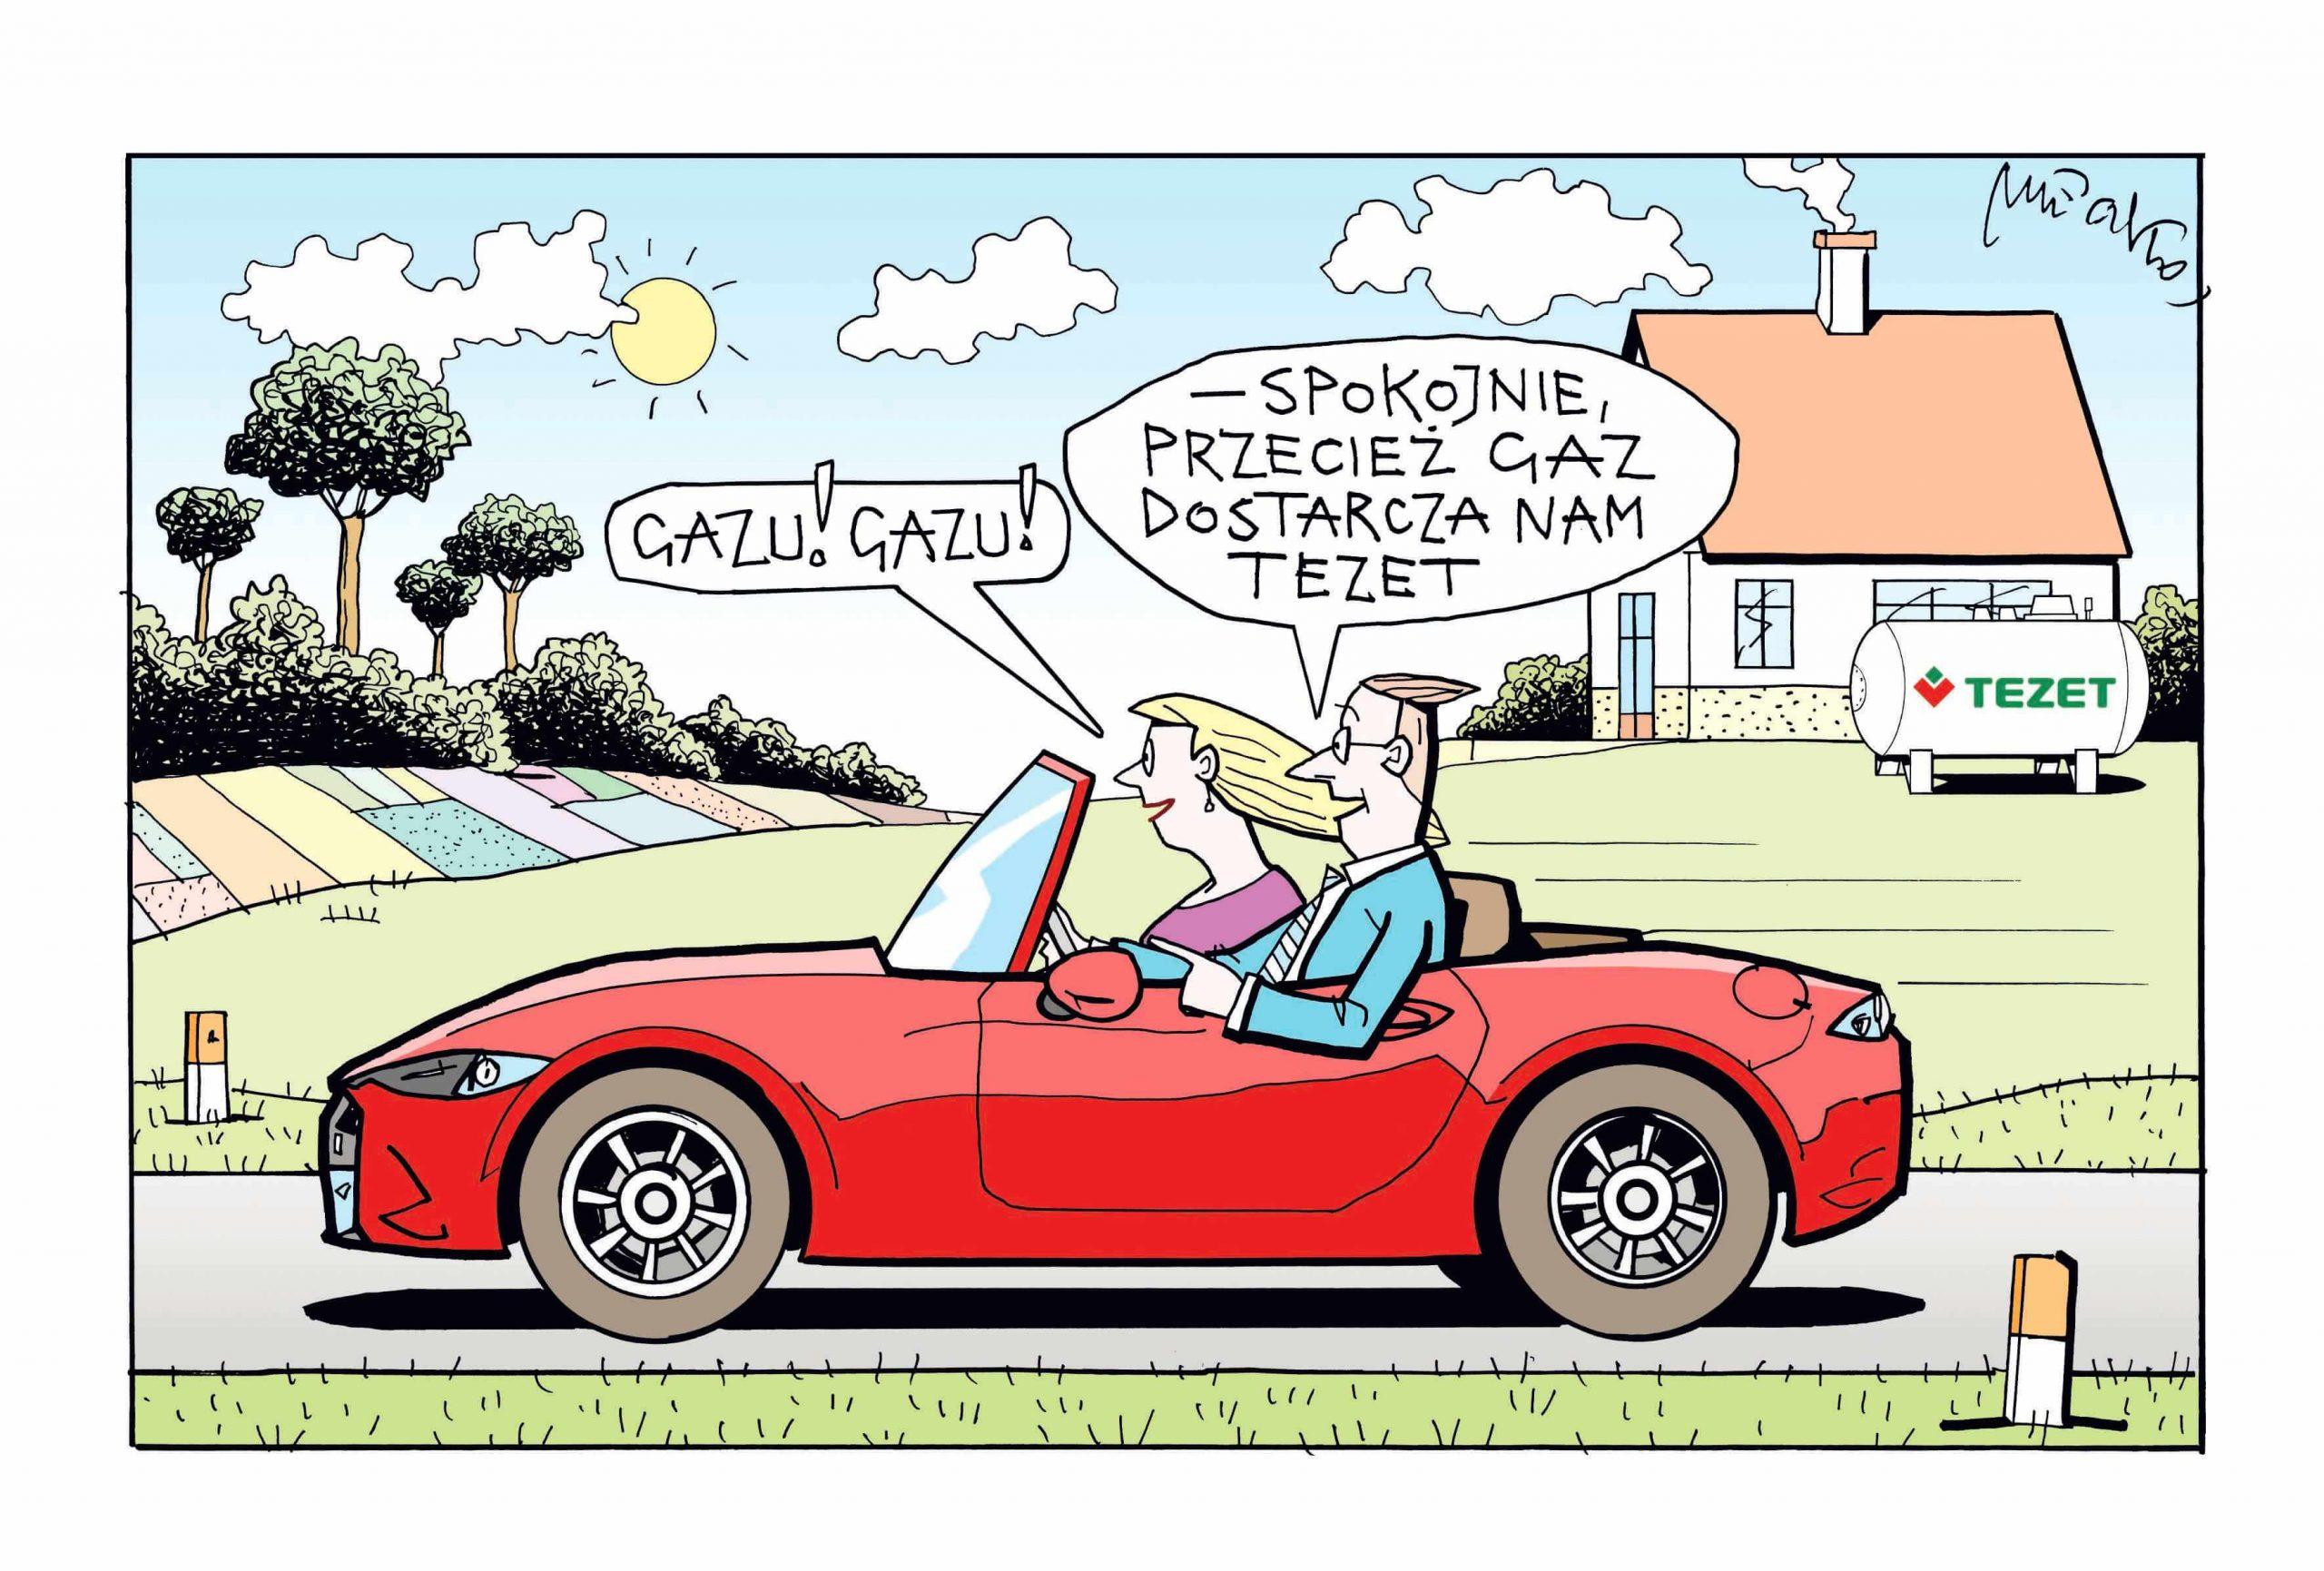 Obrazek komiksowy przedstawiający mężczyznę oraz kobietę jadącą samochodem